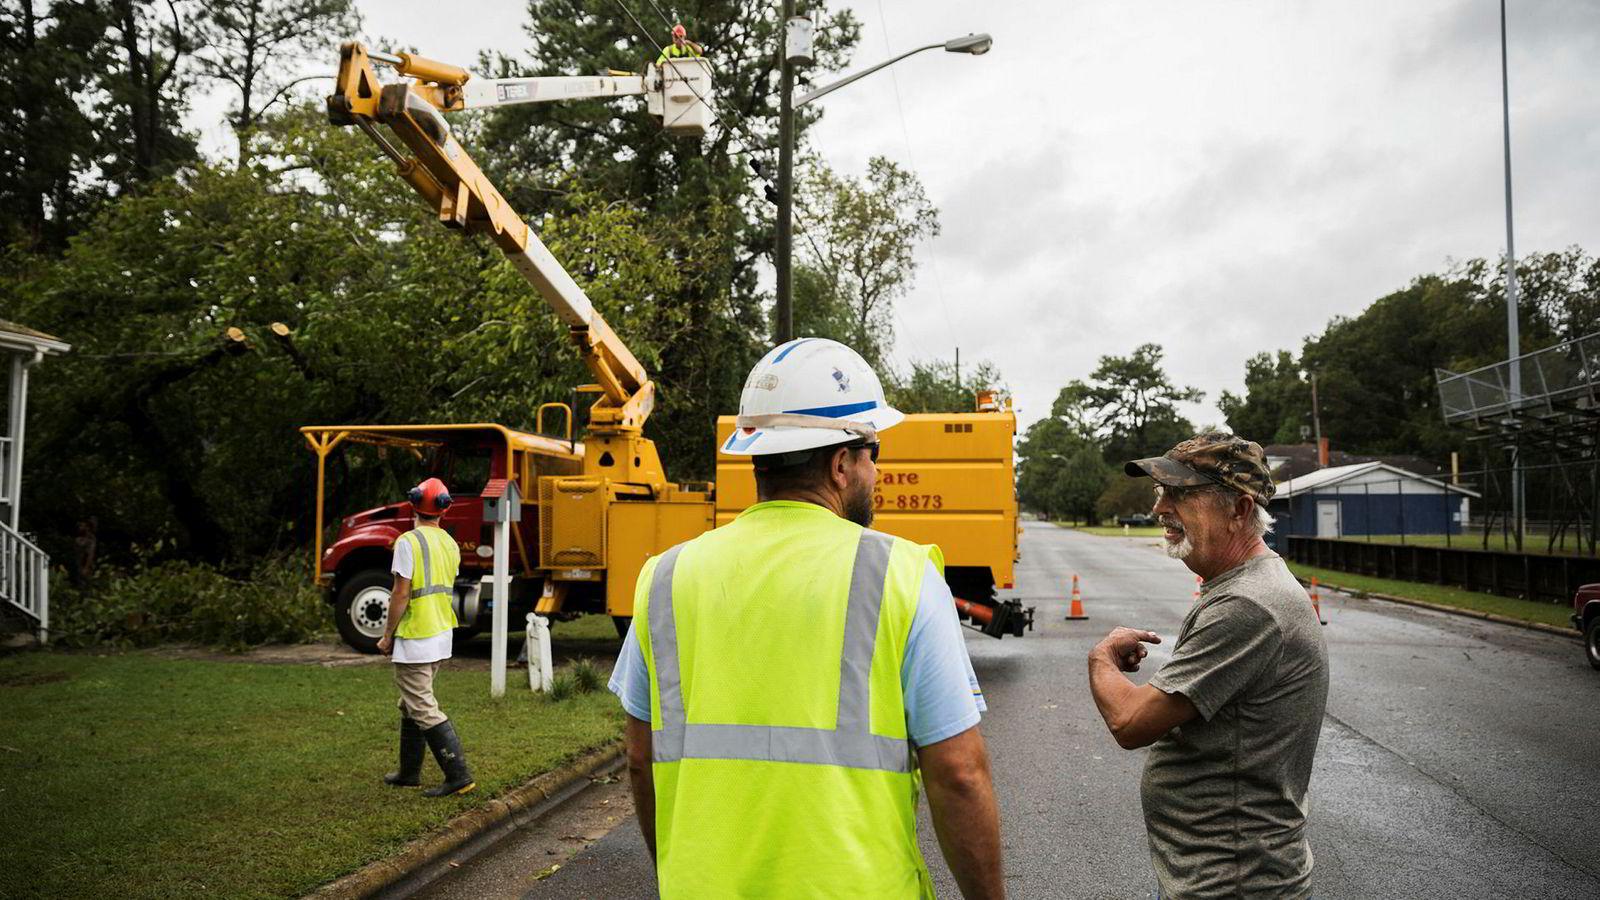 Kenny McConville beredskapskoordinator i kommunen (til venstre), ser til at et tre blir fjernet fra strømlinjene til huset til Dennis Lilley. Byen Washington i Nord Carolina ble kraftig oversvømmet, men vannet har trukket seg mye tilbake.